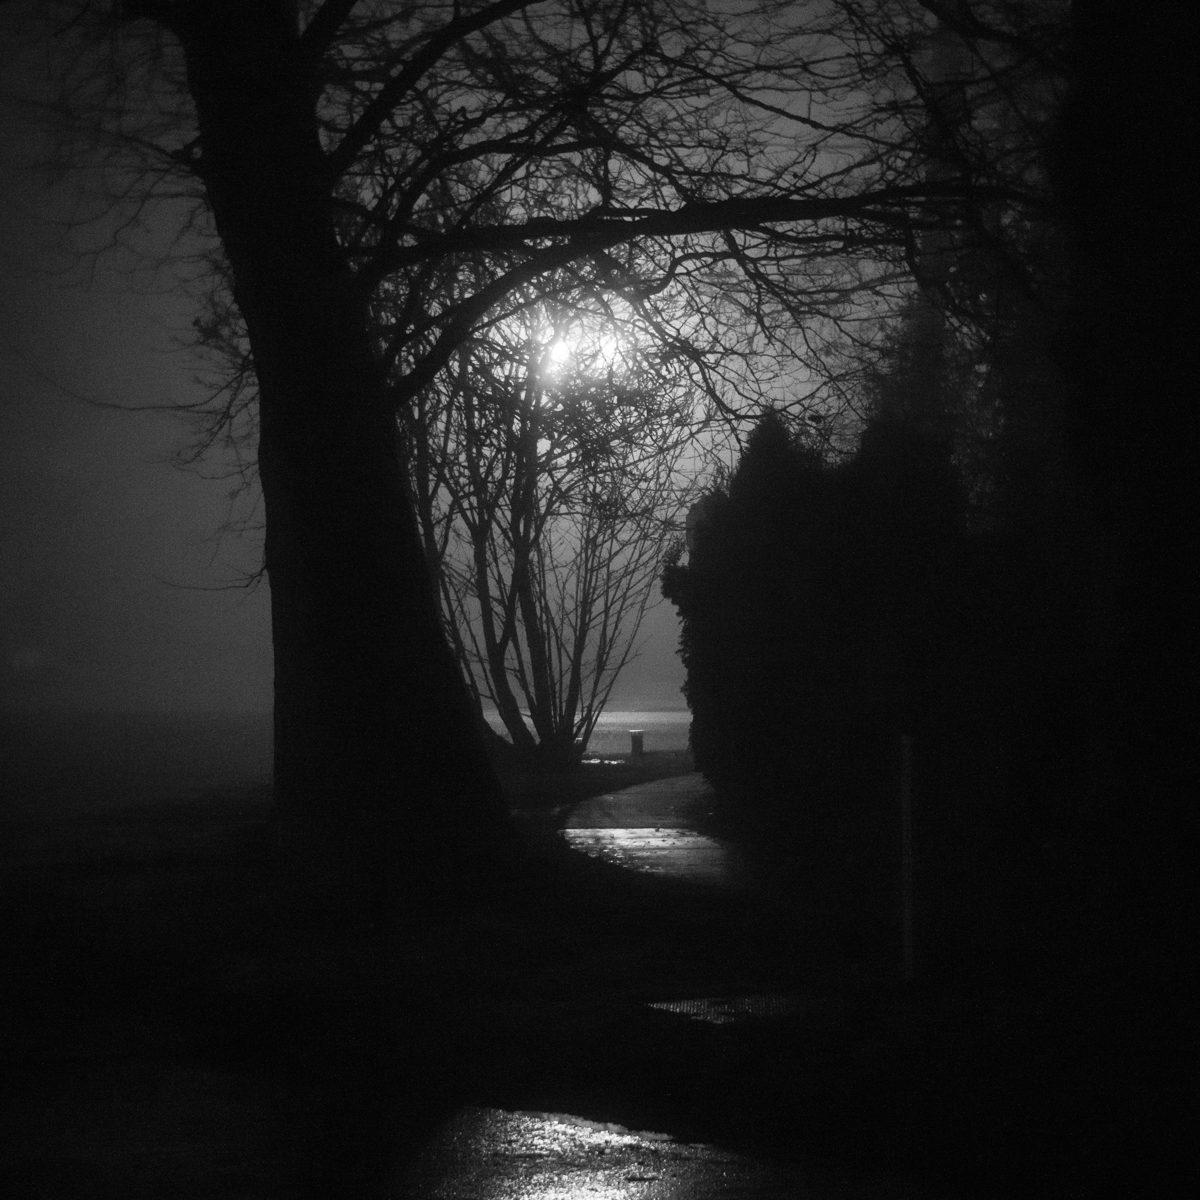 Photo: Broadway Fog, Bellingham, WA